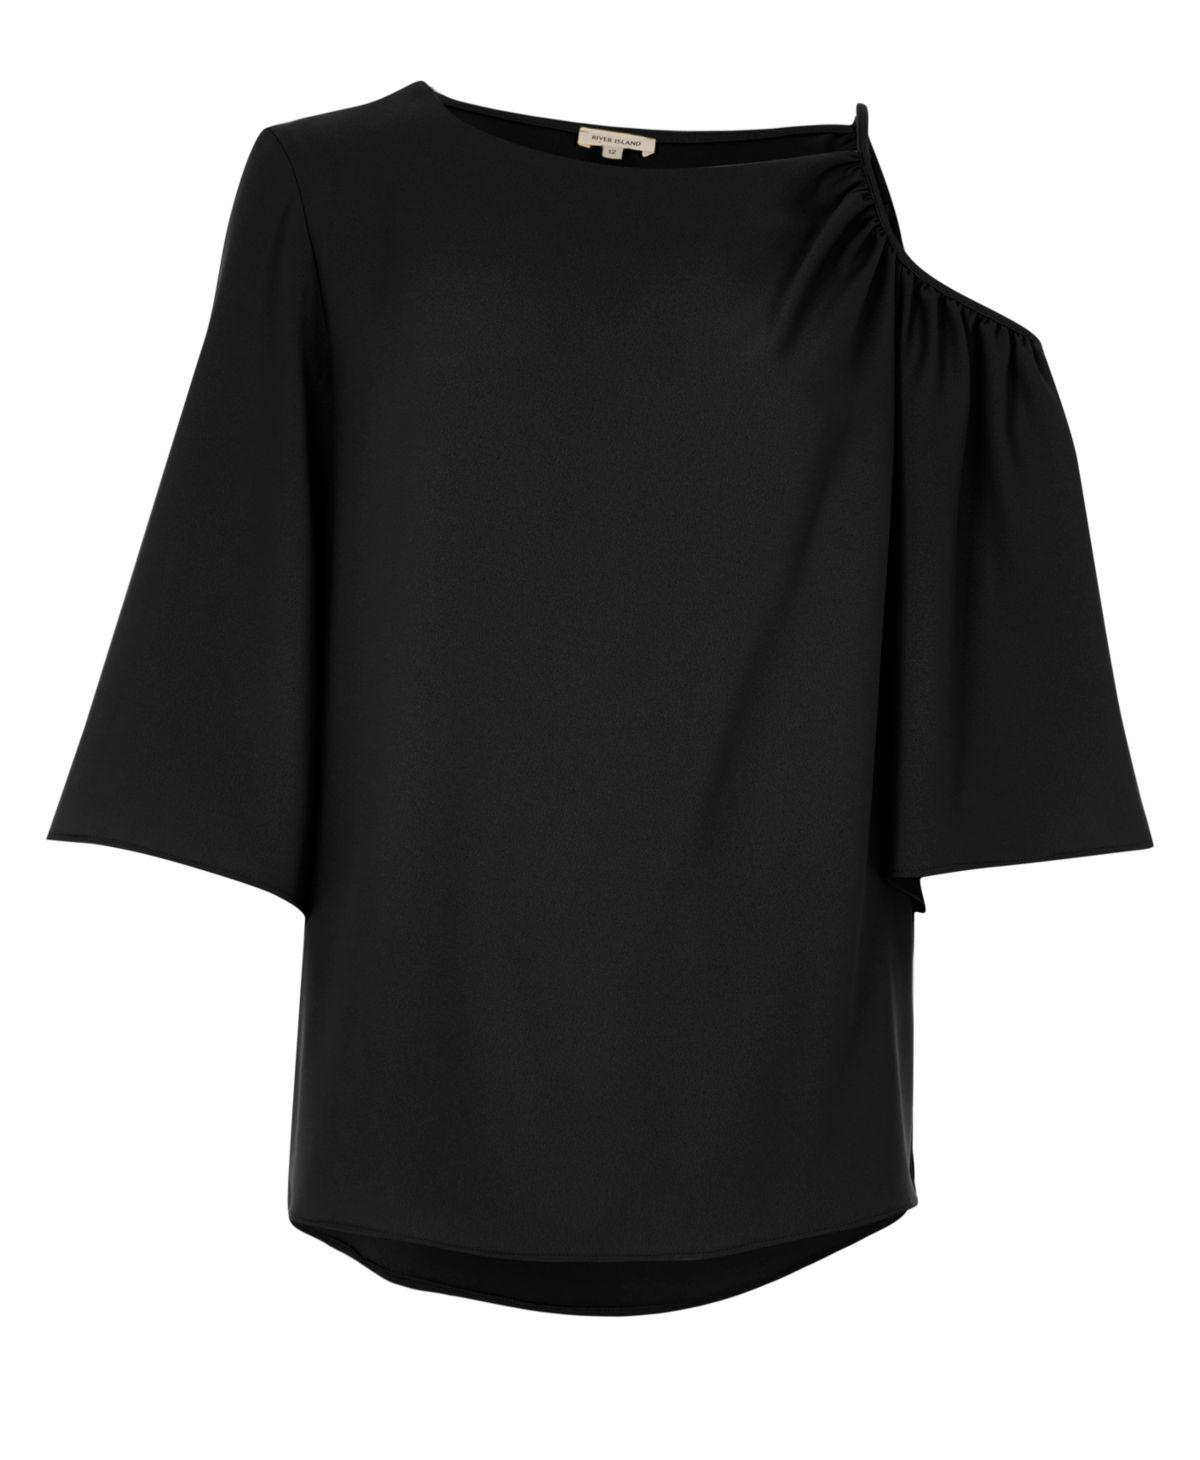 Zwarte top met uitgesneden schouderstuk en korte mouwen